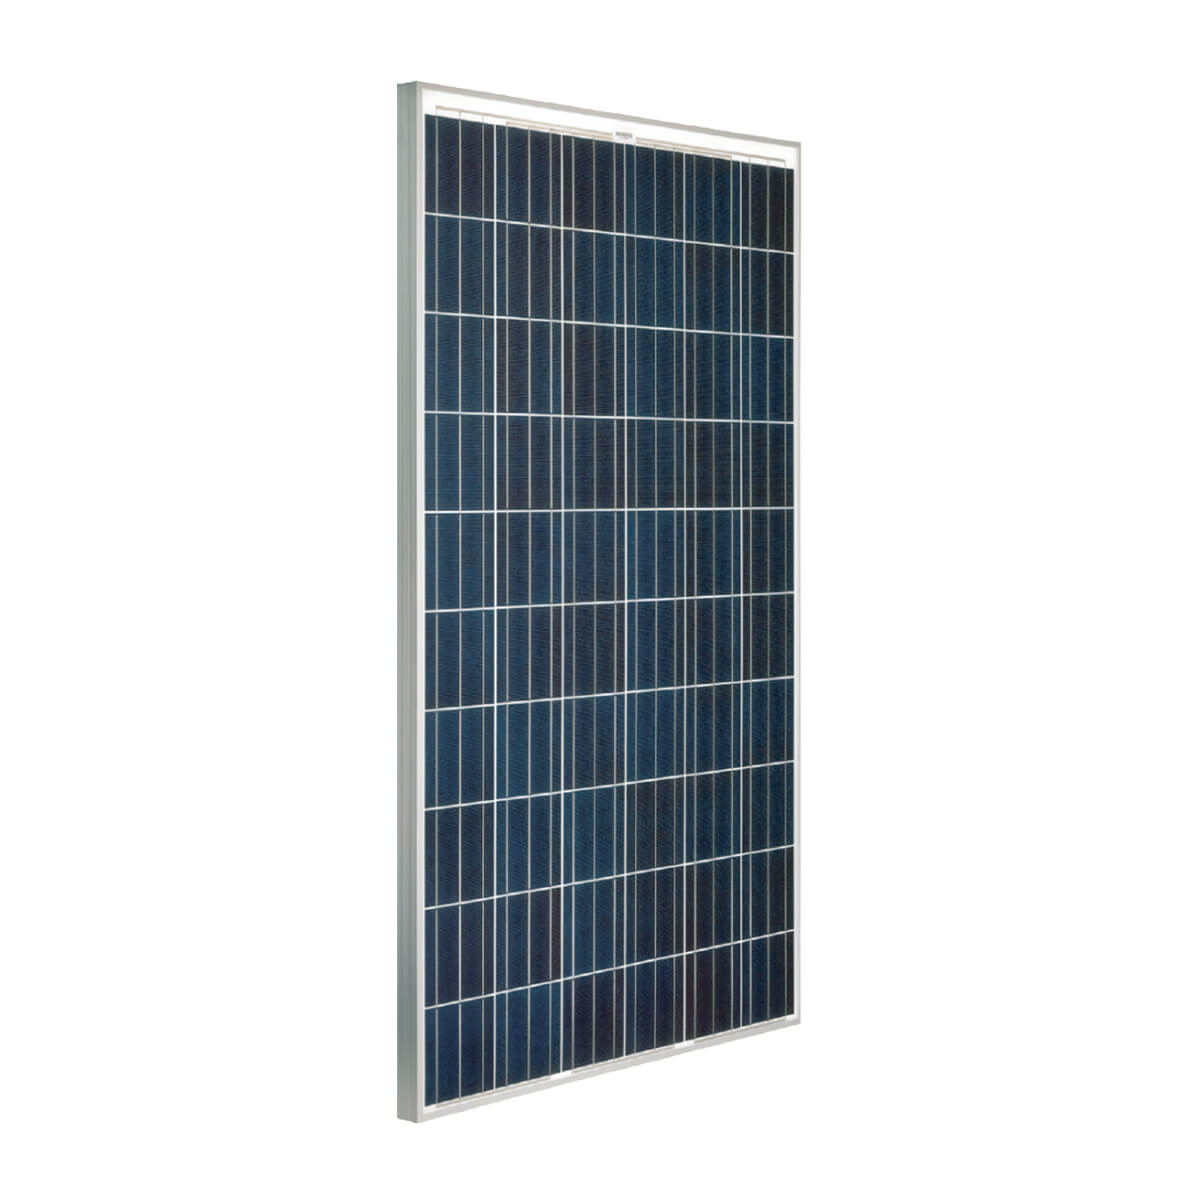 ankara solar 290W panel, ankara solar 290Watt panel, ankara solar 290 W panel, ankara solar 290 Watt panel, ankara solar 290 Watt polikristal panel, ankara solar 290 W watt gunes paneli, ankara solar 290 W watt polikristal gunes paneli, ankara solar 290 W Watt fotovoltaik polikristal solar panel, ankara solar 290W polikristal gunes enerjisi, ankara solar AS-P60-290W panel, ANKARA SOLAR 290WATT